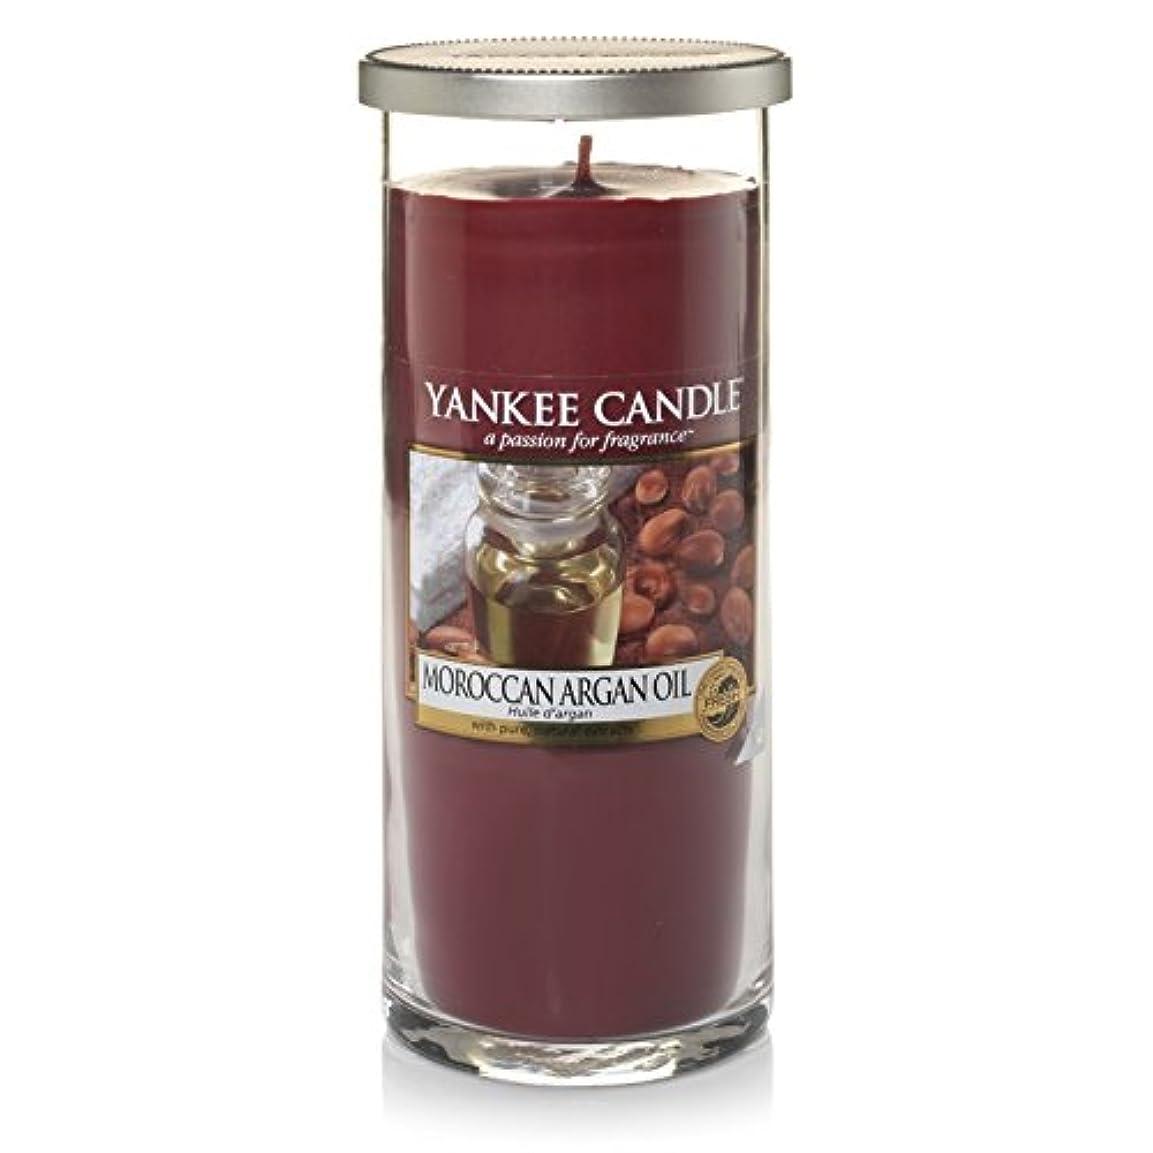 自転車白鳥判読できないYankee Candles Large Pillar Candle - Moroccan Argan Oil (Pack of 2) - ヤンキーキャンドル大きな柱キャンドル - モロッコアルガンオイル (x2) [並行輸入品]